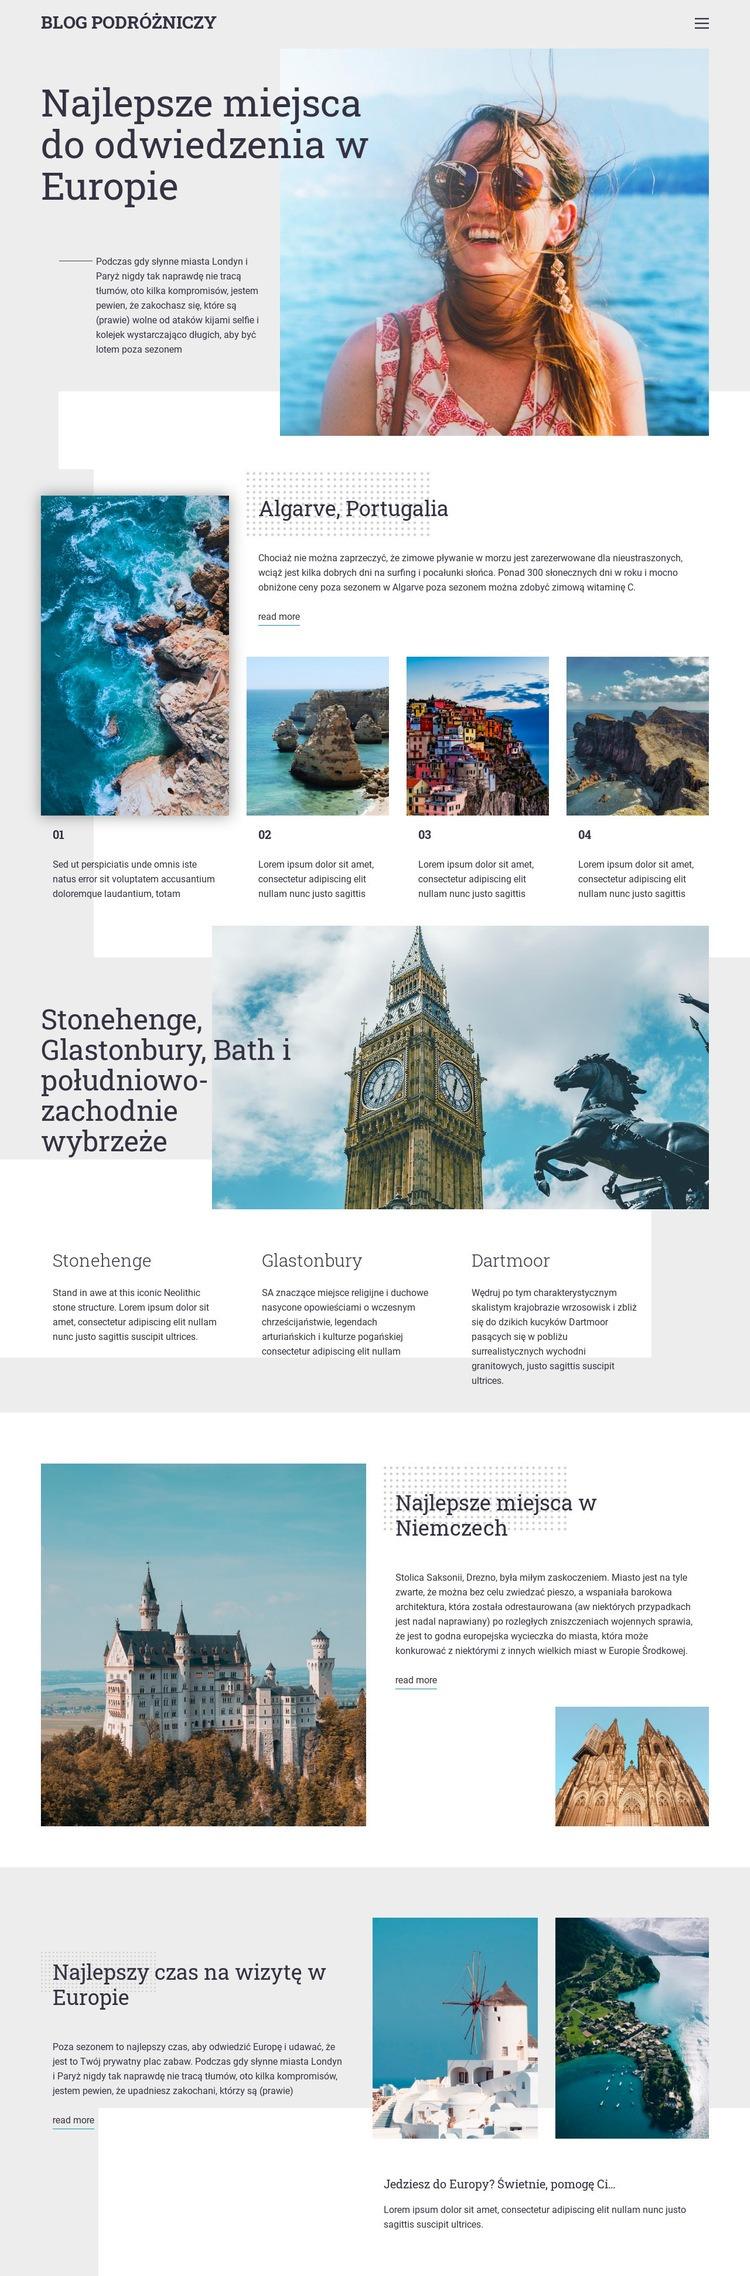 Blog podróżniczy Szablon witryny sieci Web